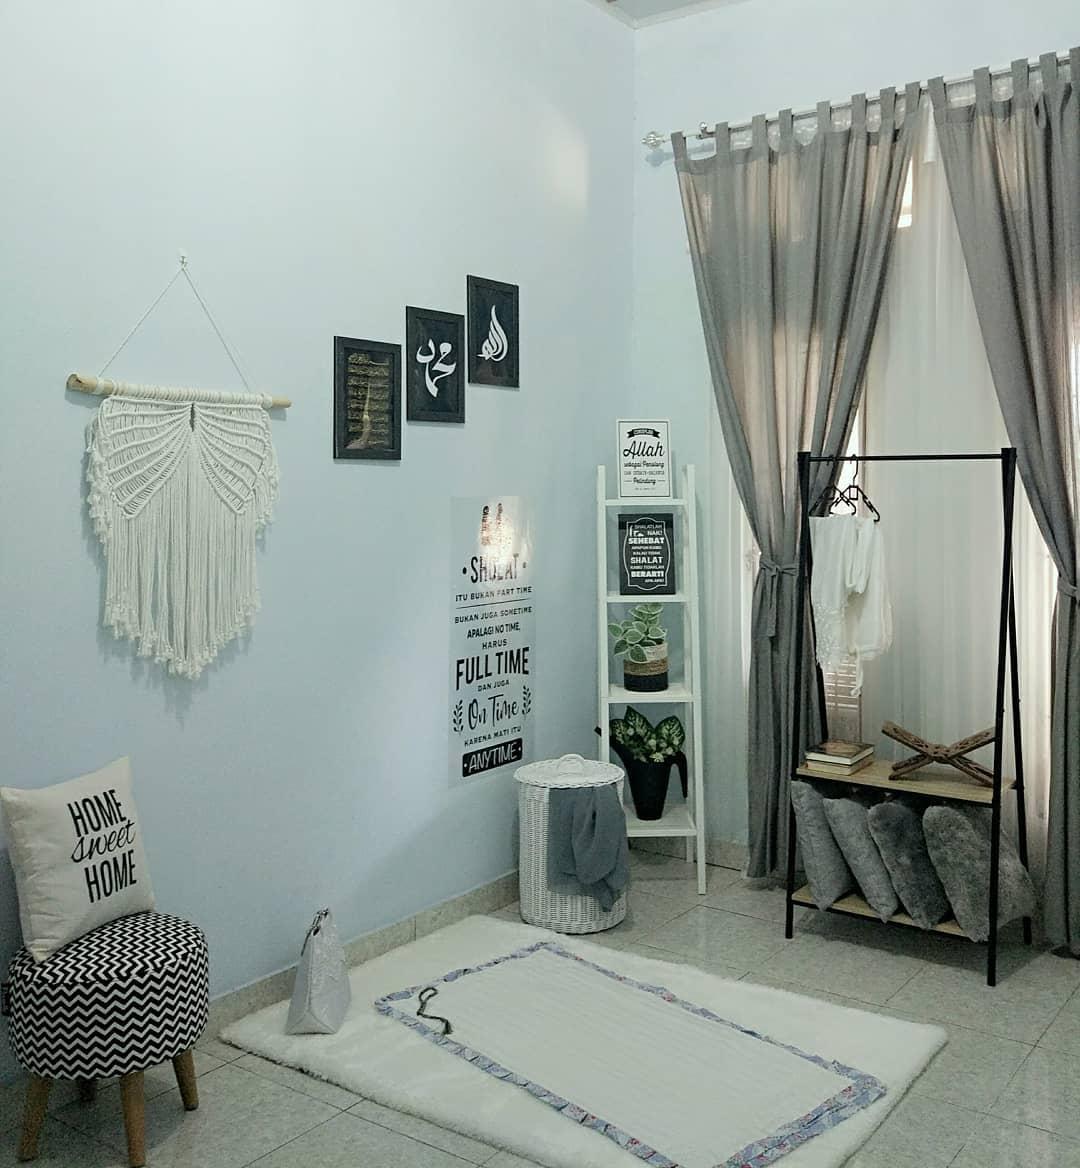 Desain Interior Mushola Minimalis Dalam Rumah Yang Tampil Cantik Dengan Tema Monokrom Inspirasi Desain Rumah Terkini